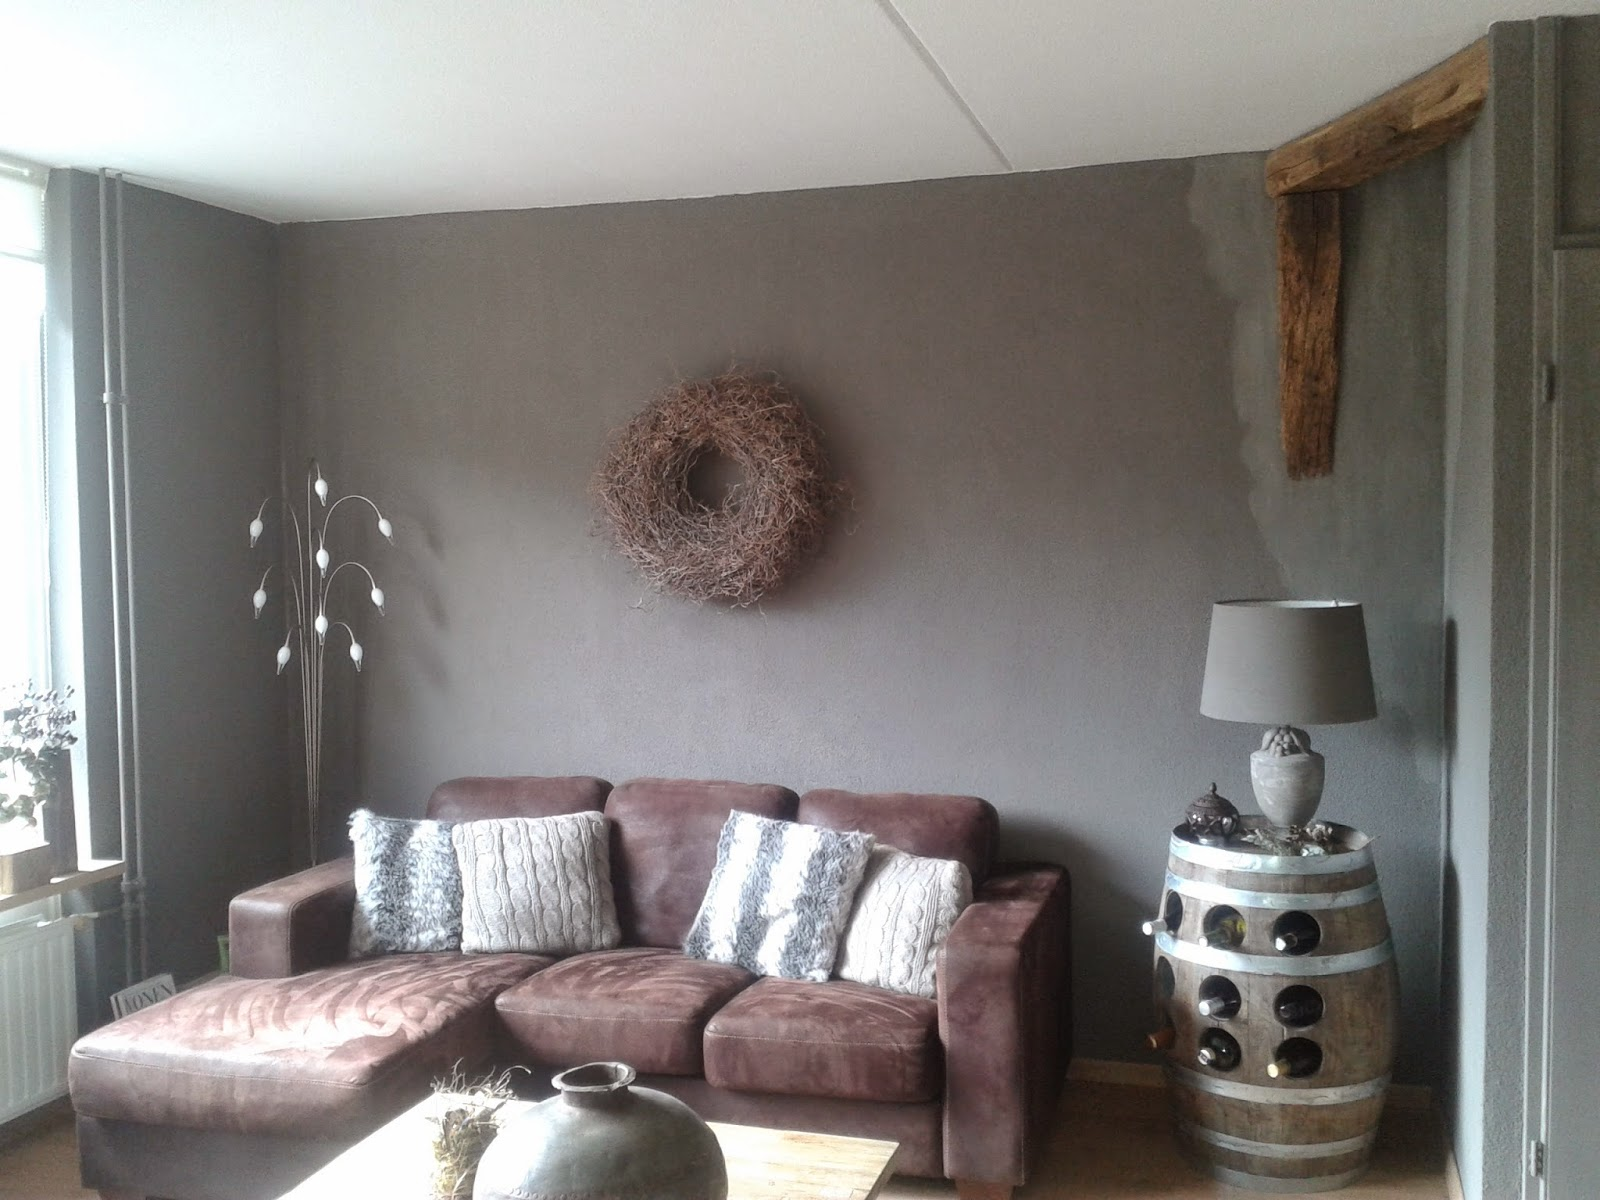 Wonen in je eigen stijl van granol muur naar krijtverf muur - Kleur die past bij de grijze ...